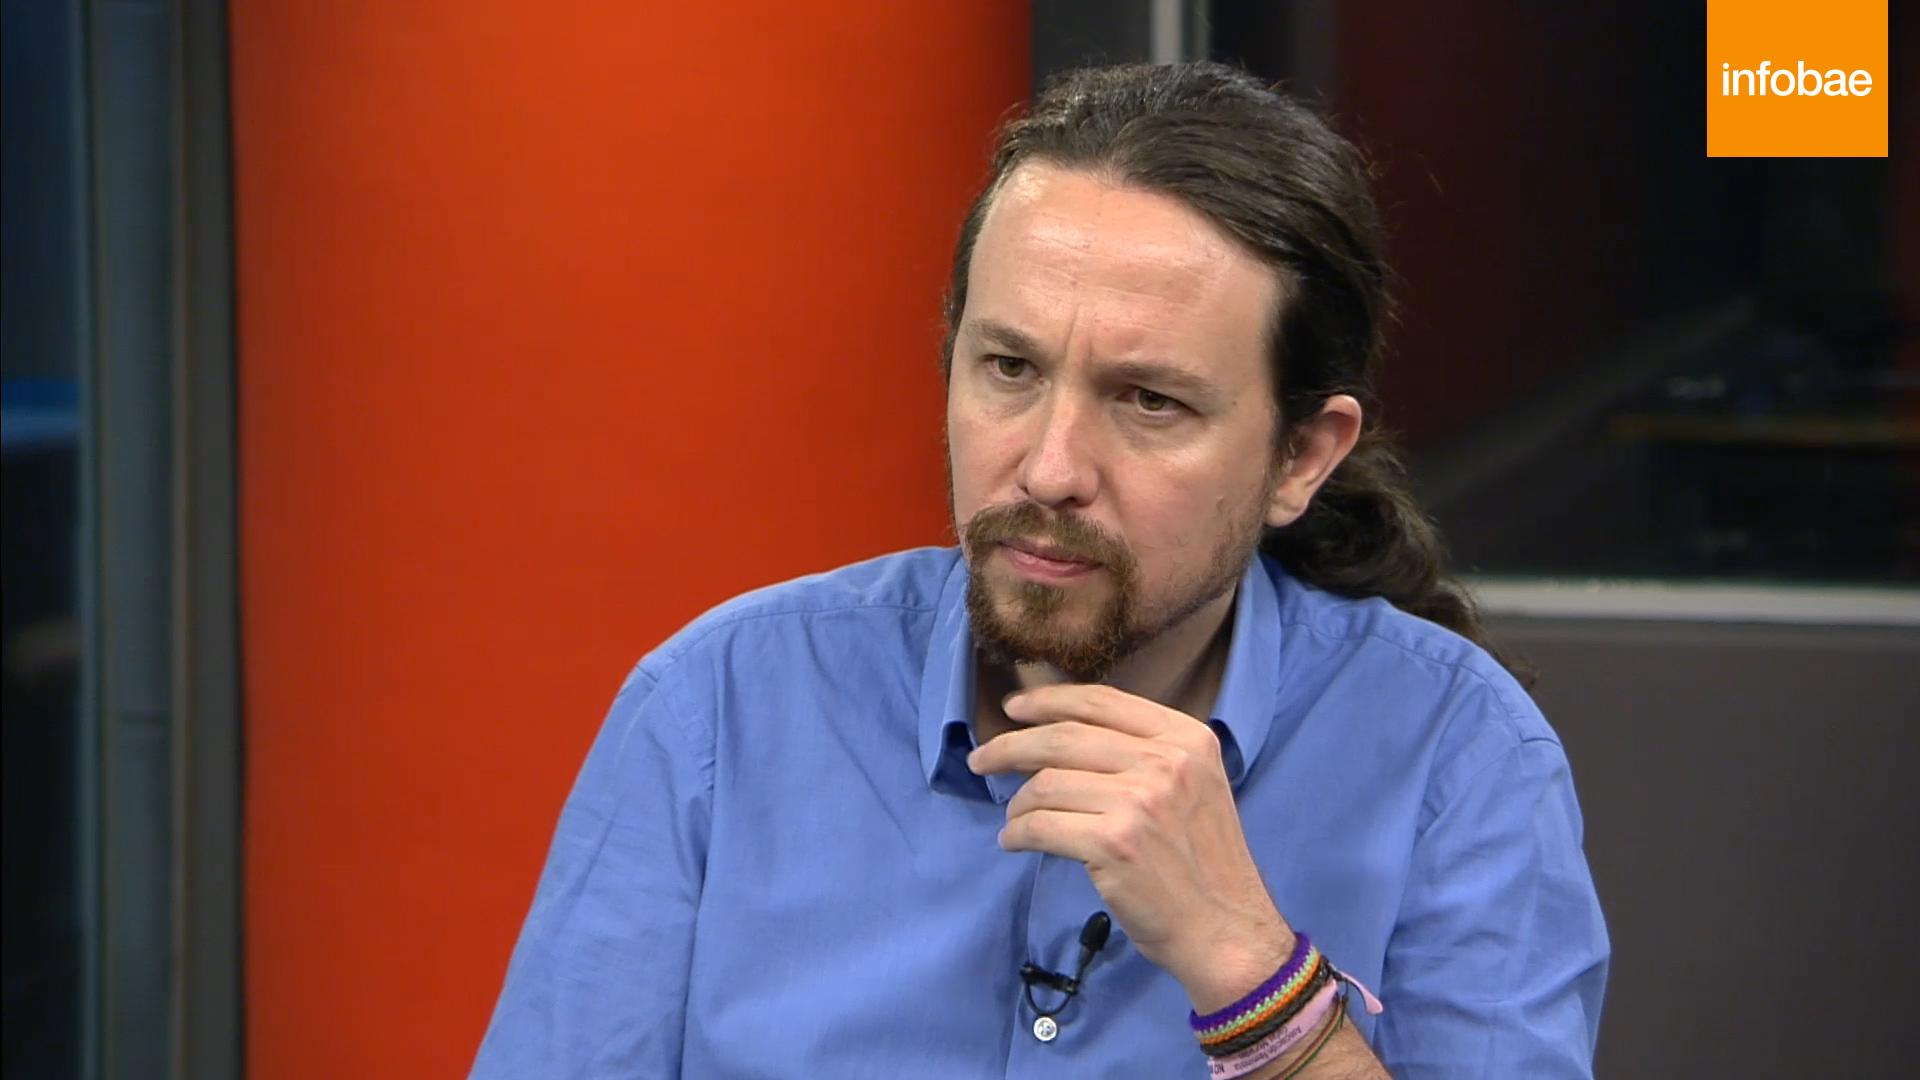 Pablo Iglesias Tengo Pendiente Vivir En Argentina Infobae